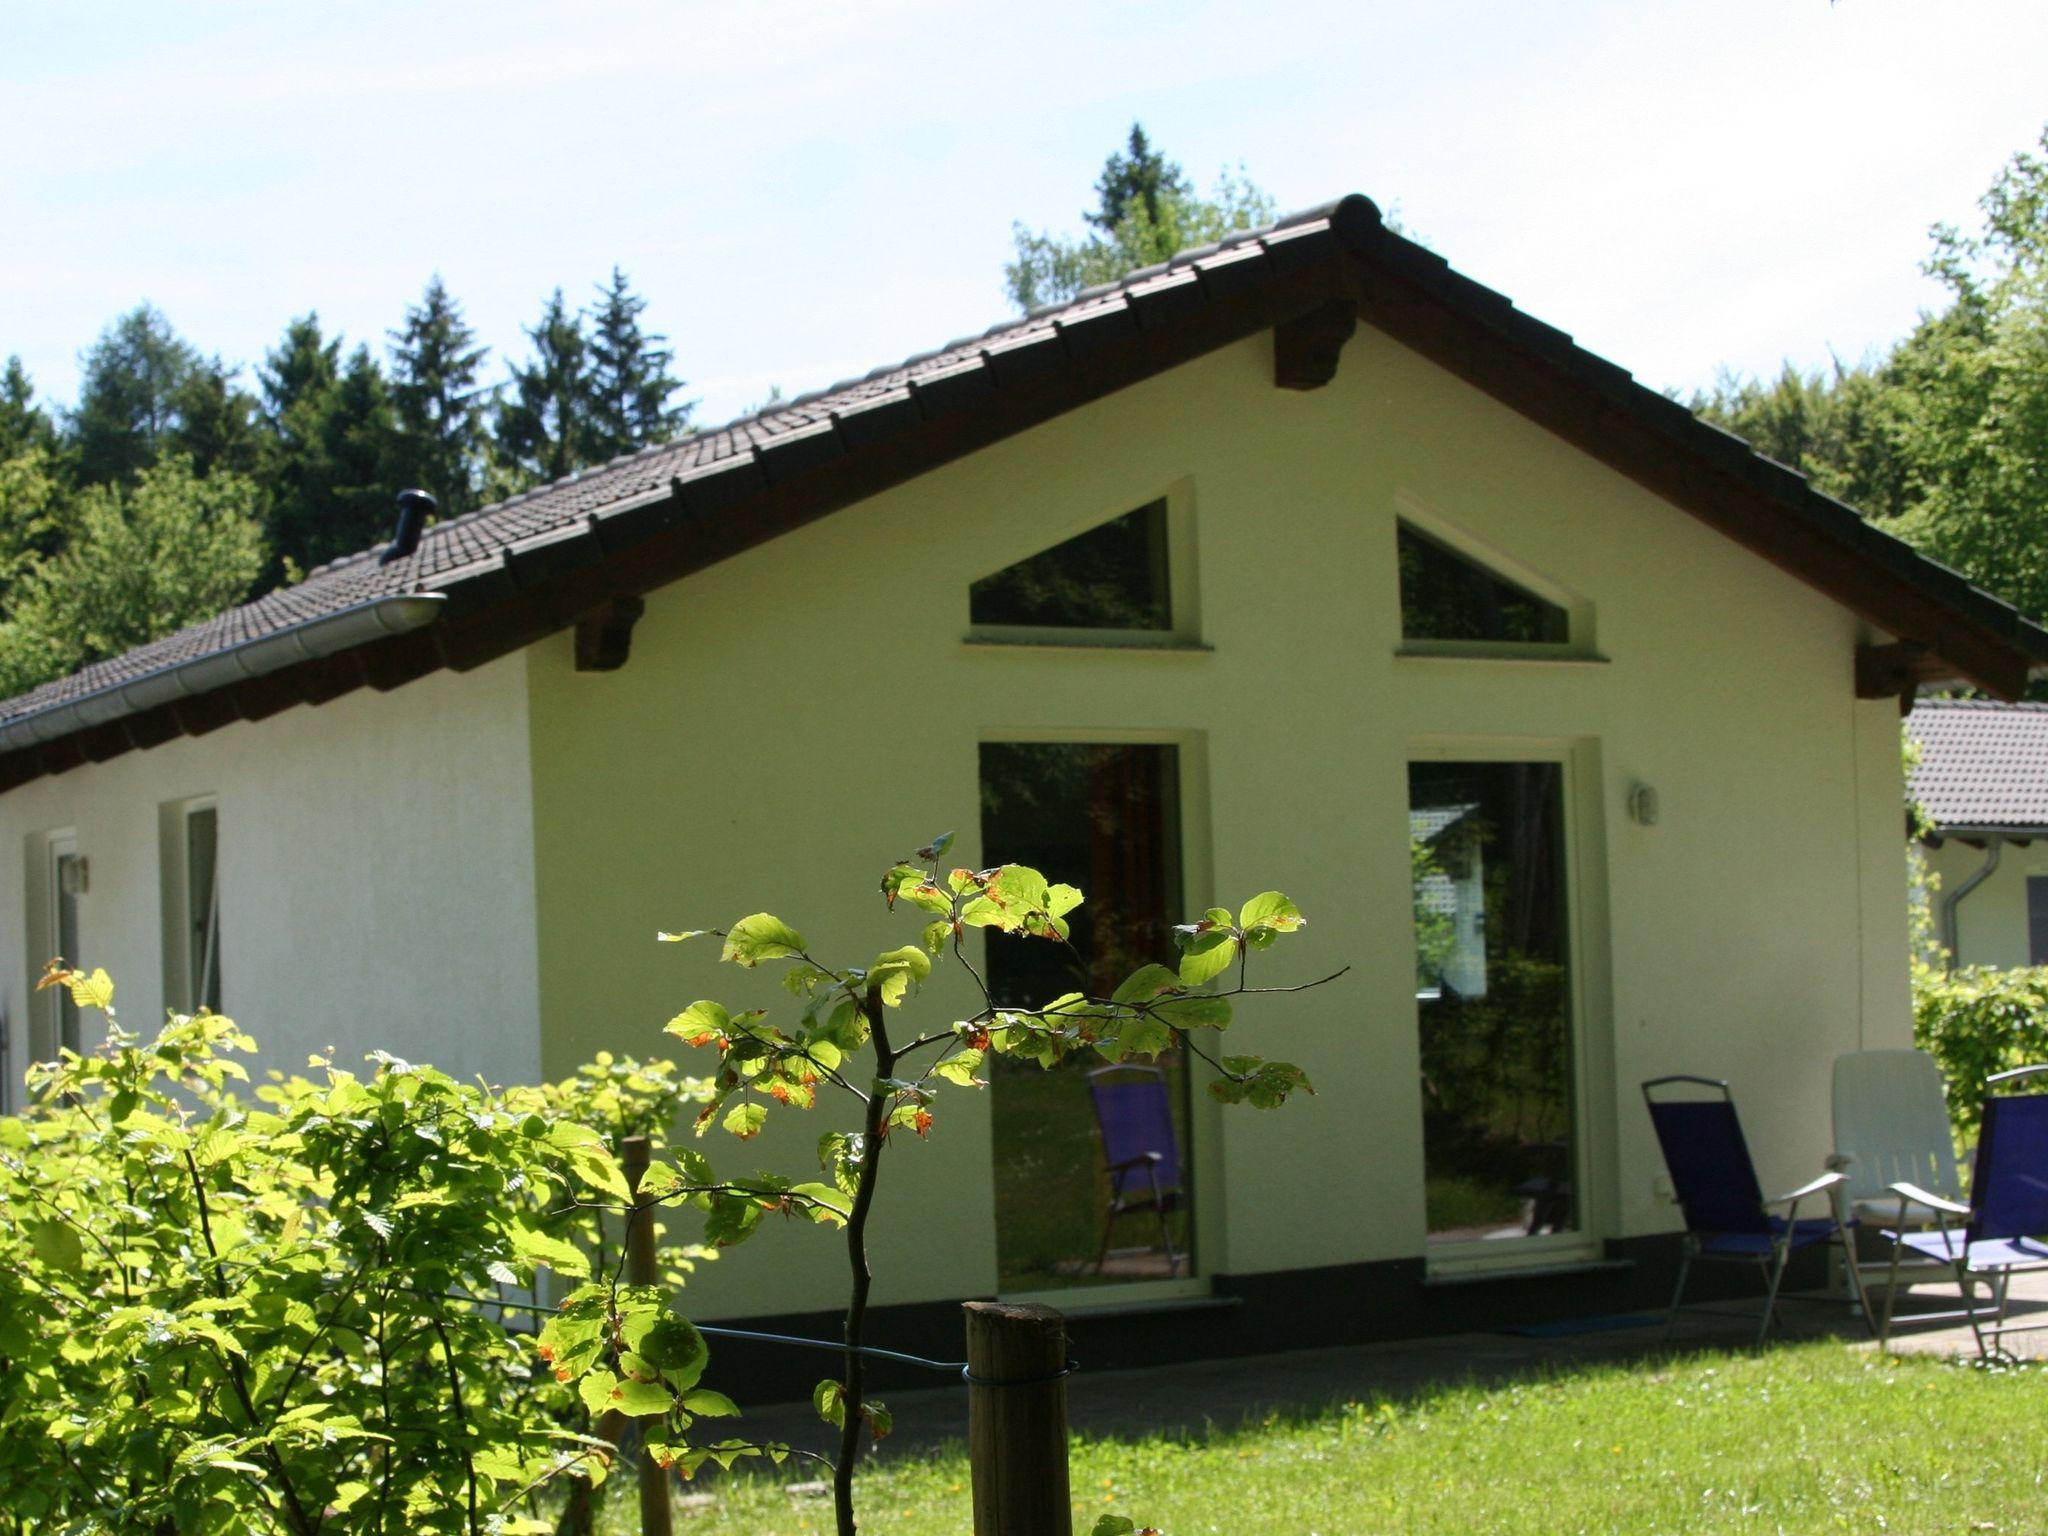 Natuurhuisje in Hinterhausen - gerolstein 38864 - Duitsland - Rijnland-palts - 4 personen